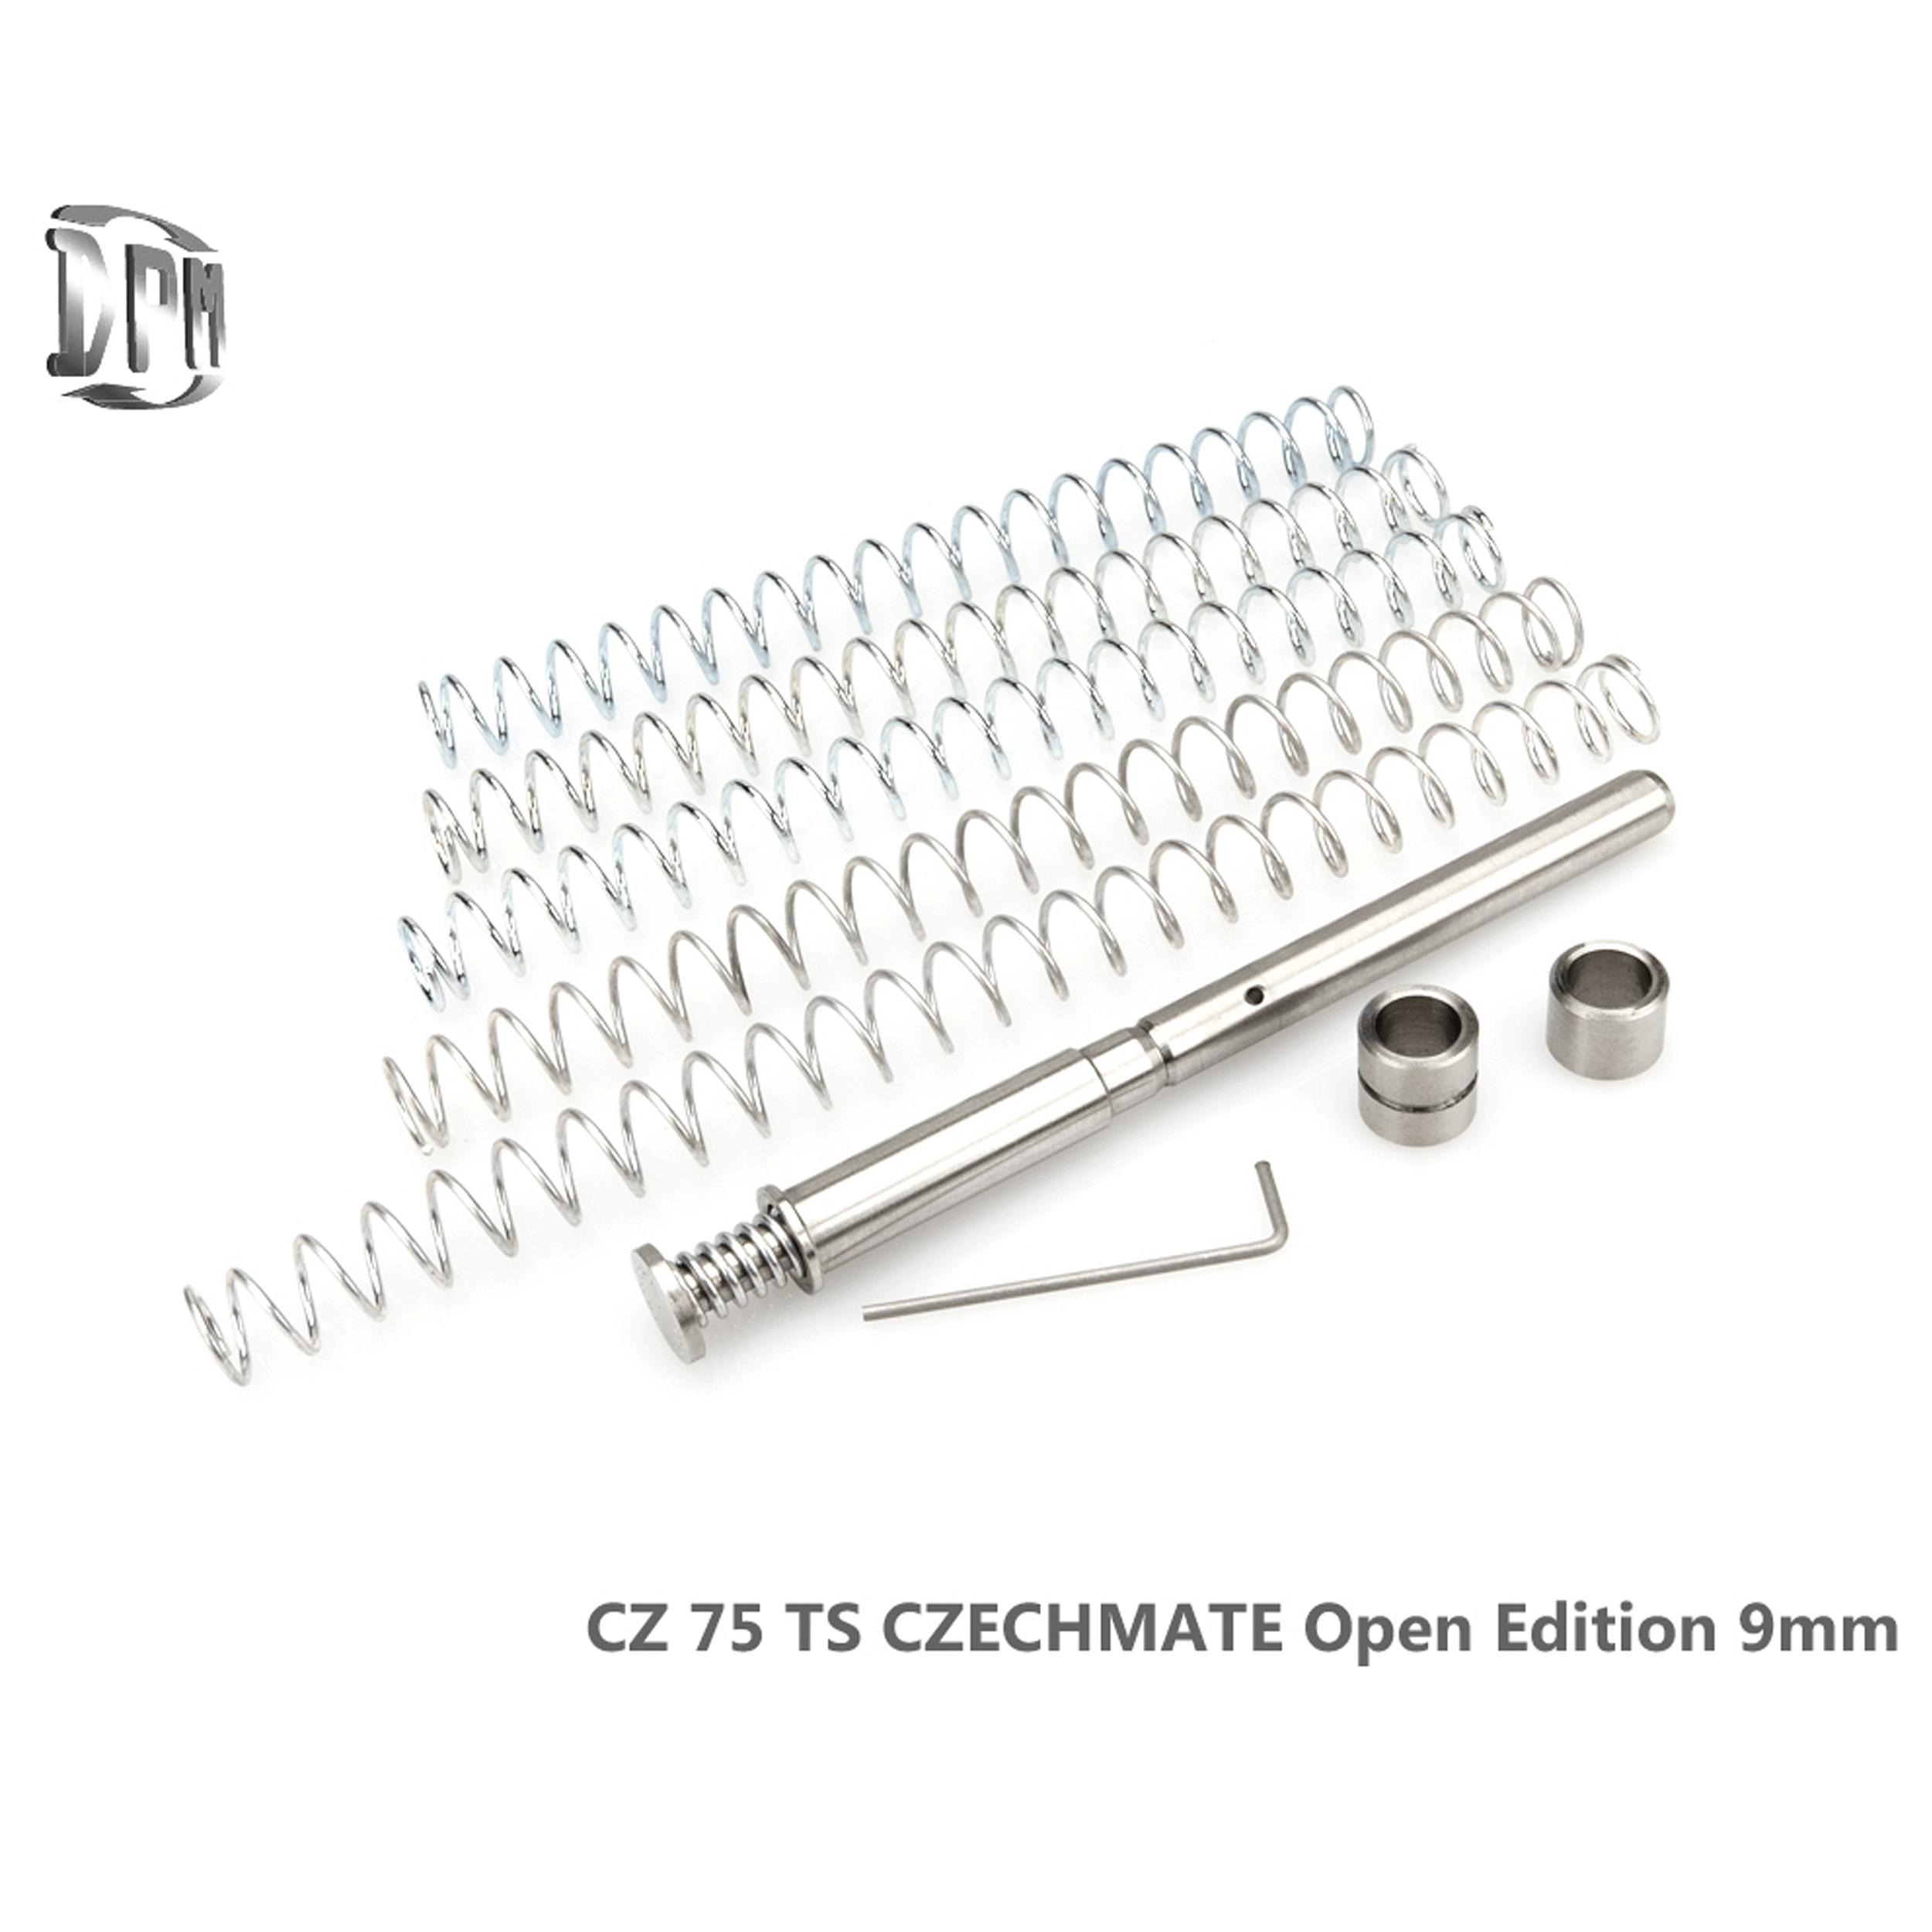 CZ TS Czechmate Open - 9mm / .40 S&W (gb)